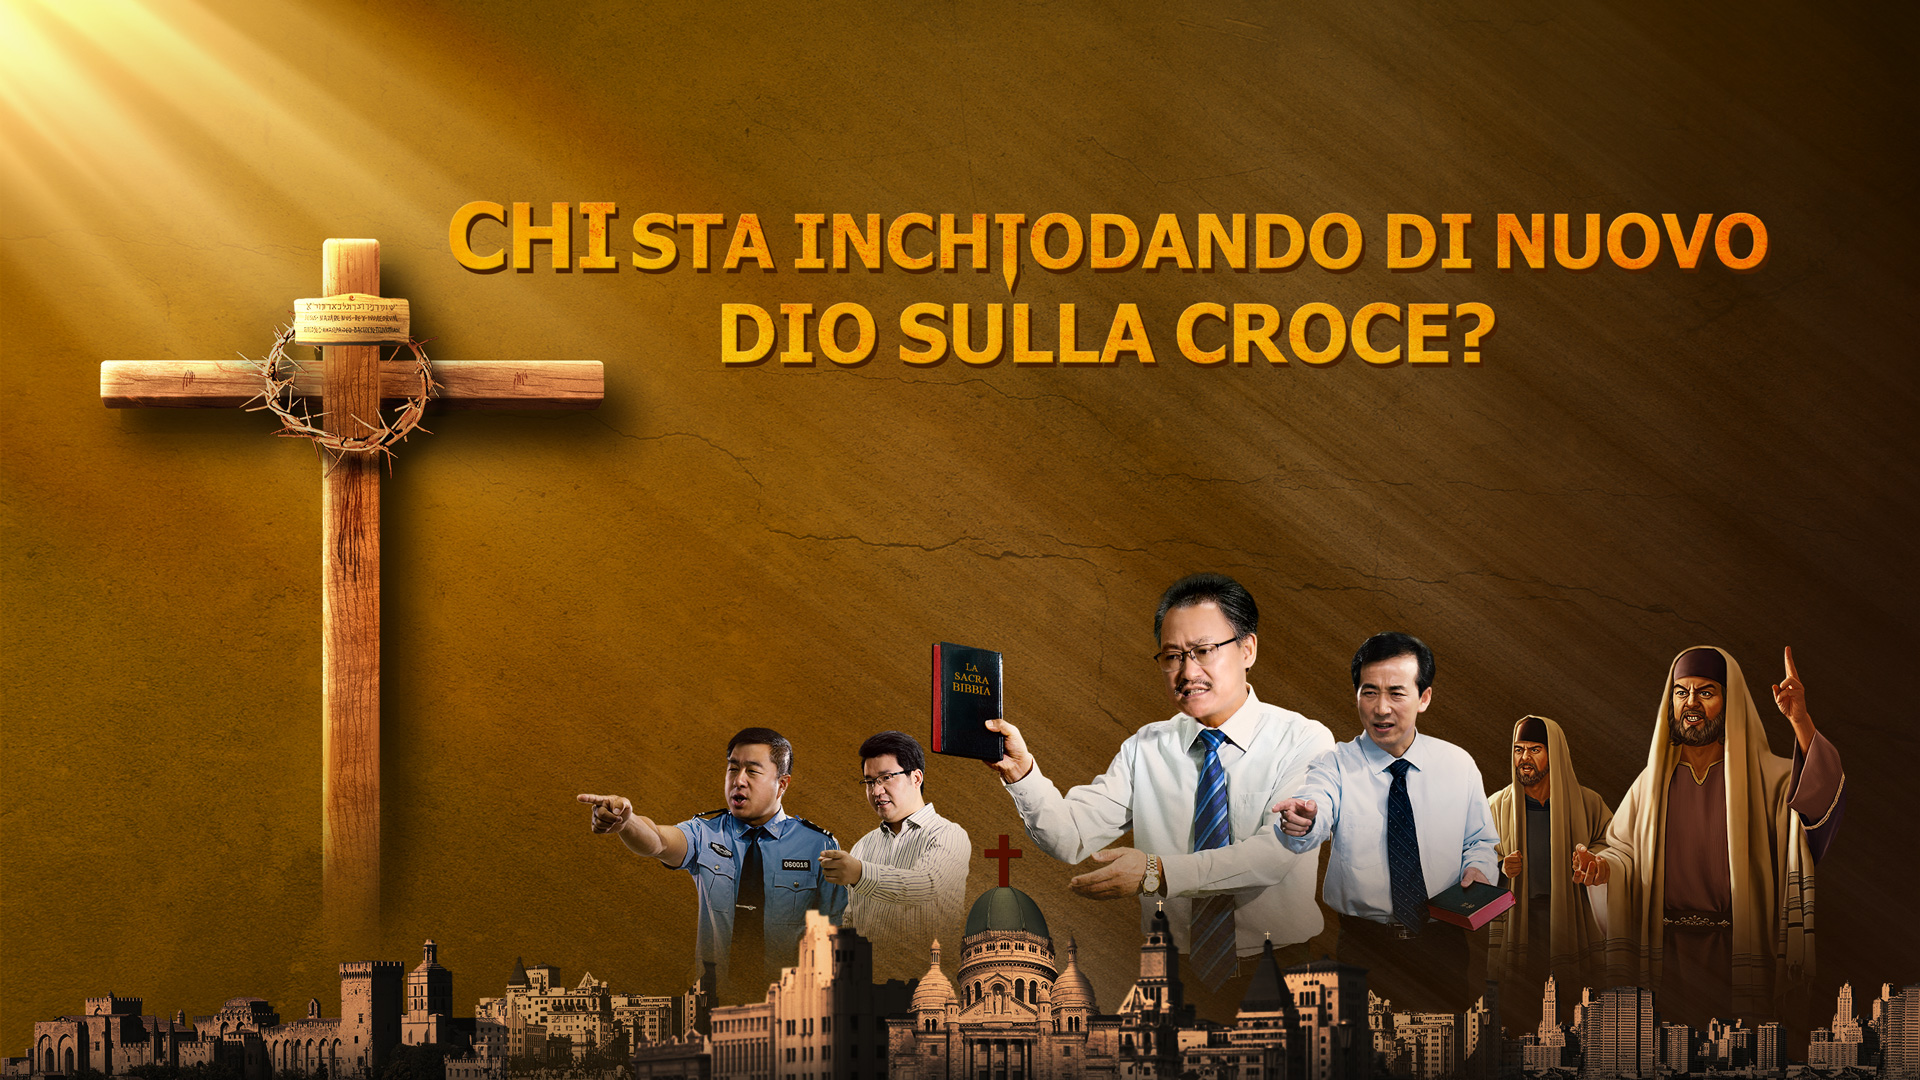 """La Chiesa di Dio Onnipotente film cristiano – """"Chi sta inchiodando di nuovo Dio sulla croce?"""" Trailer ufficiale HD"""